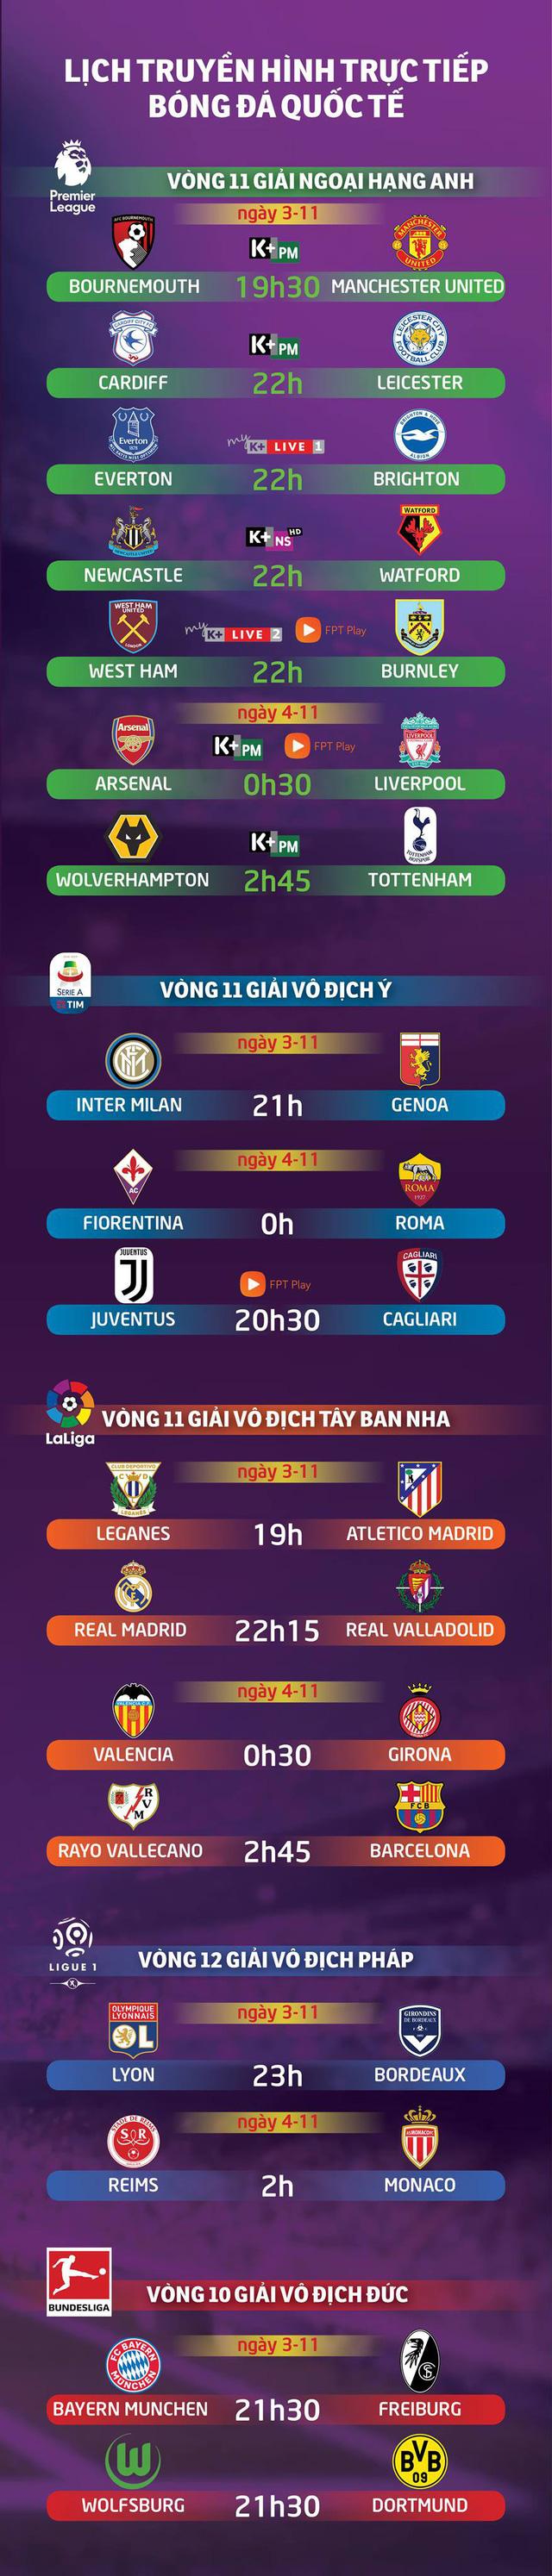 Lịch thi đấu, truyền hình bóng đá hôm nay 3-11 - Ảnh 1.